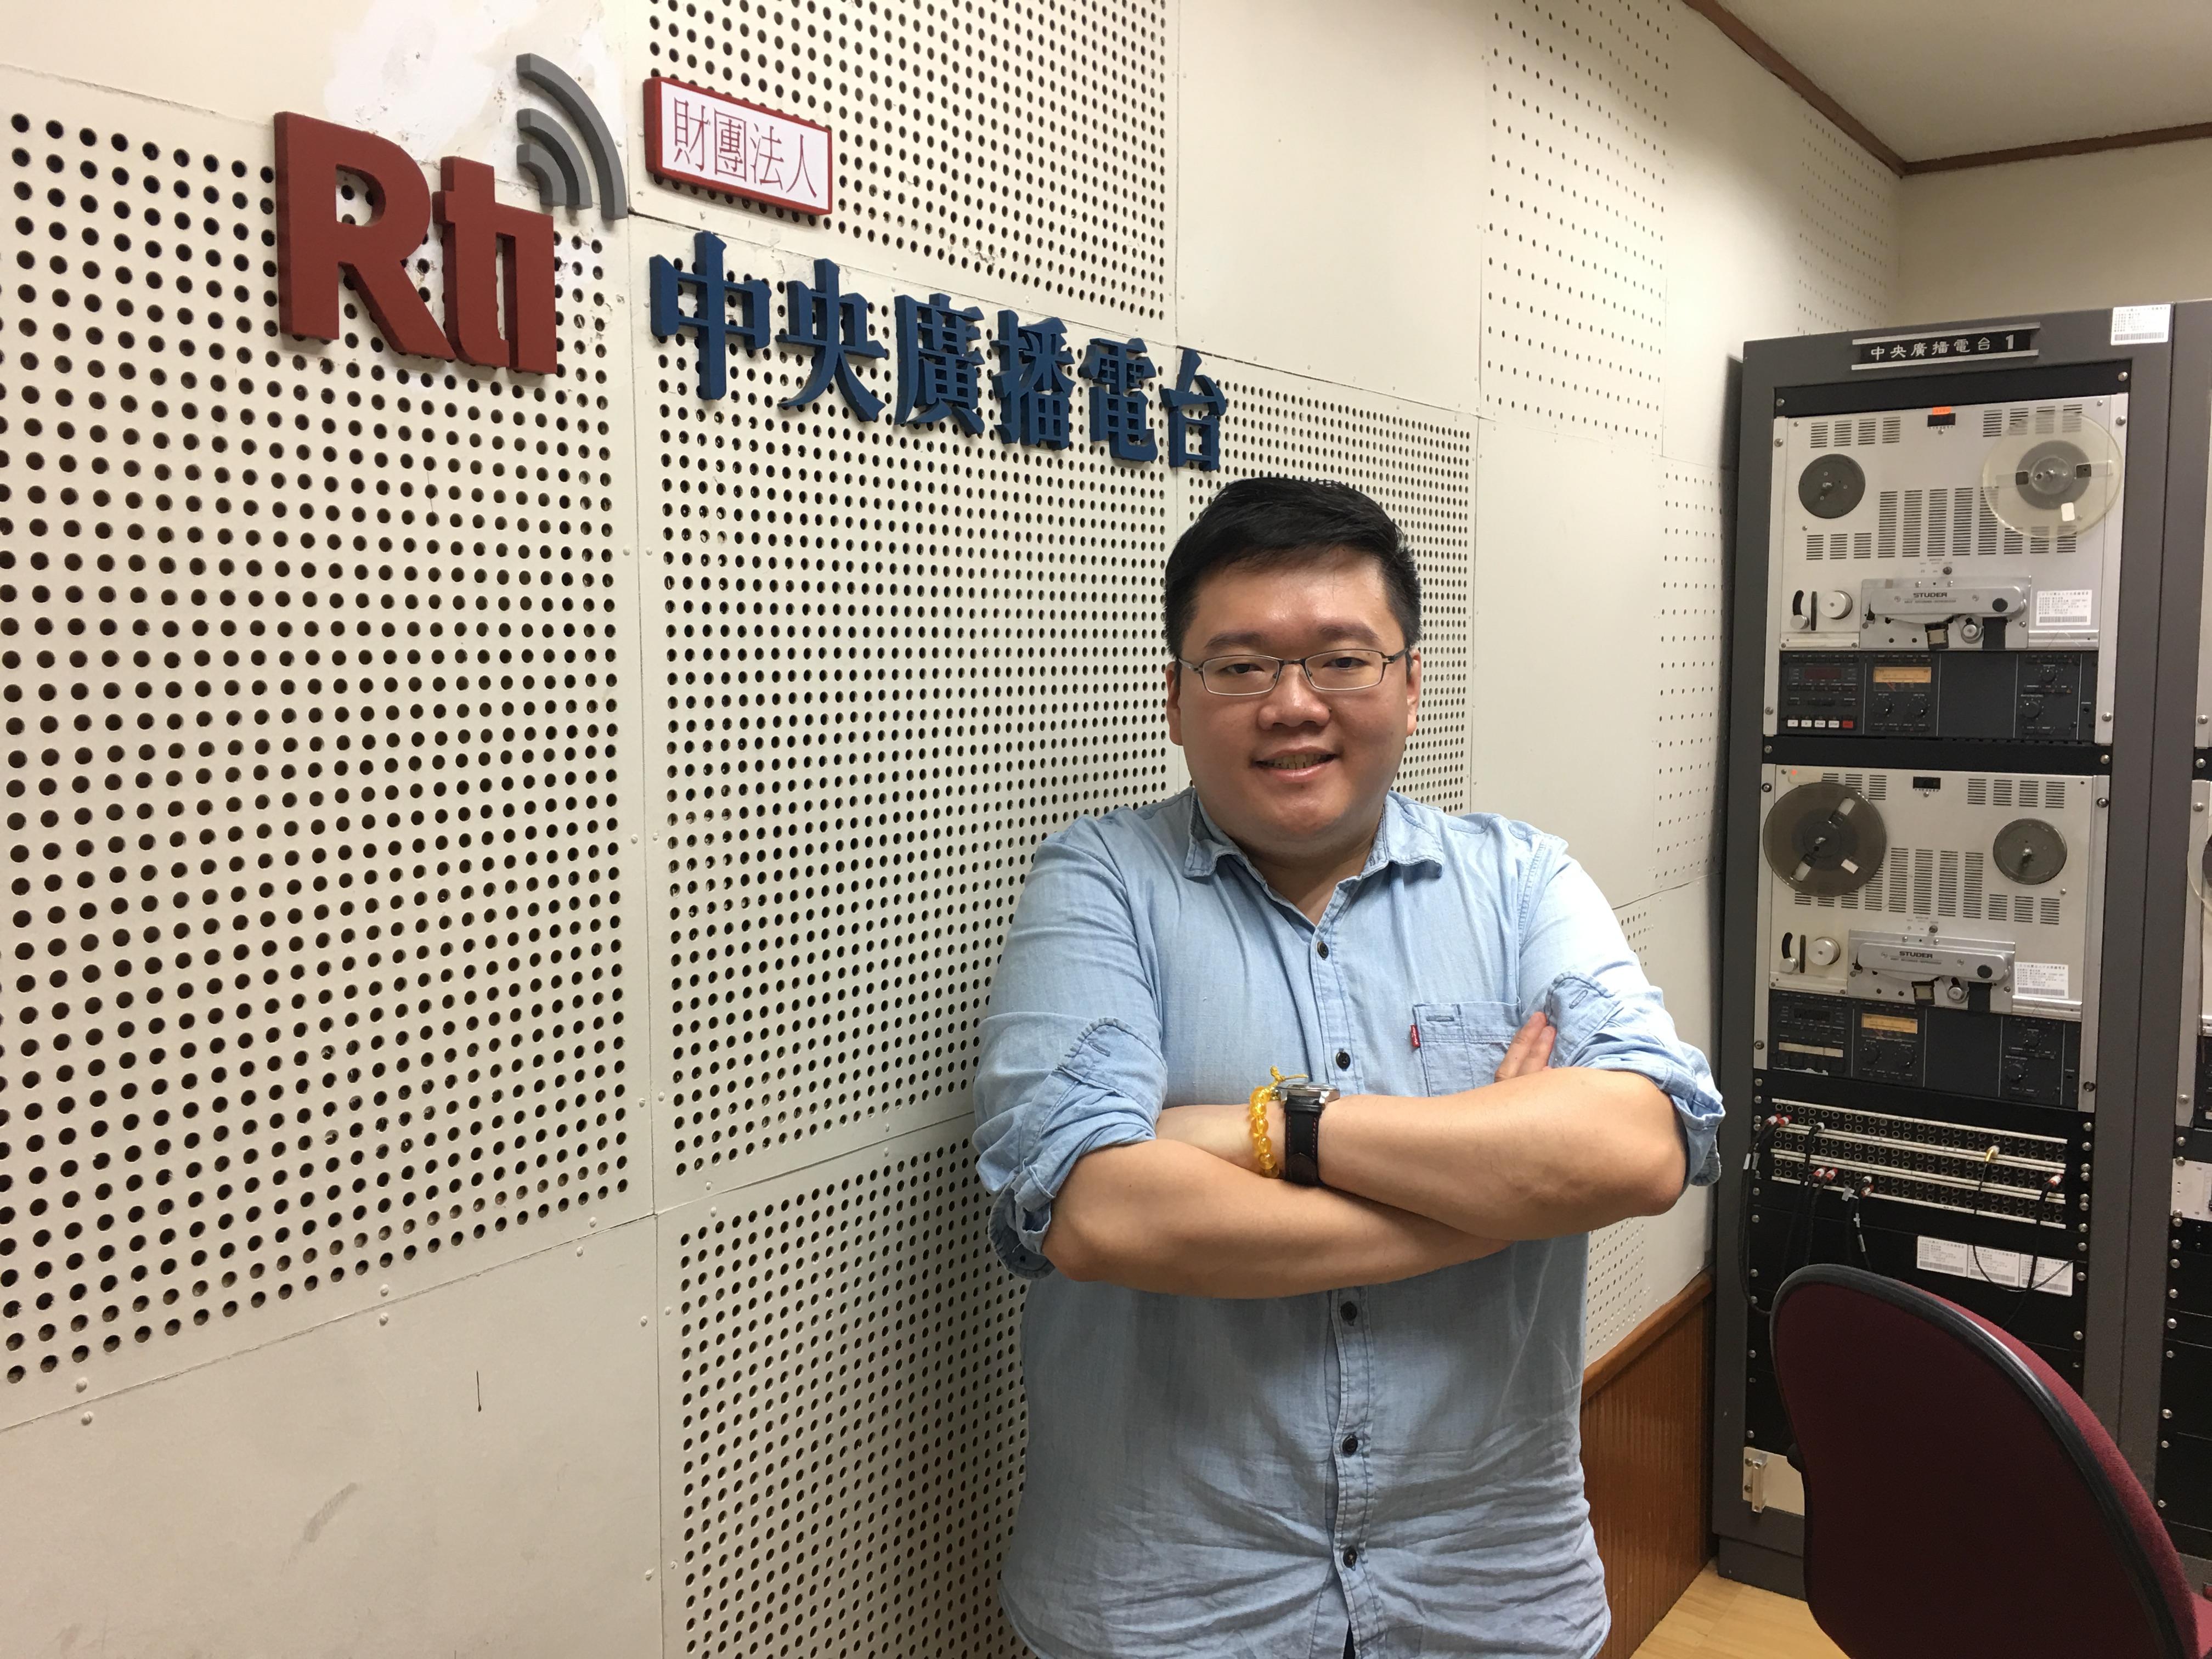 理財專家 陳飛龍 談產業前景與分析